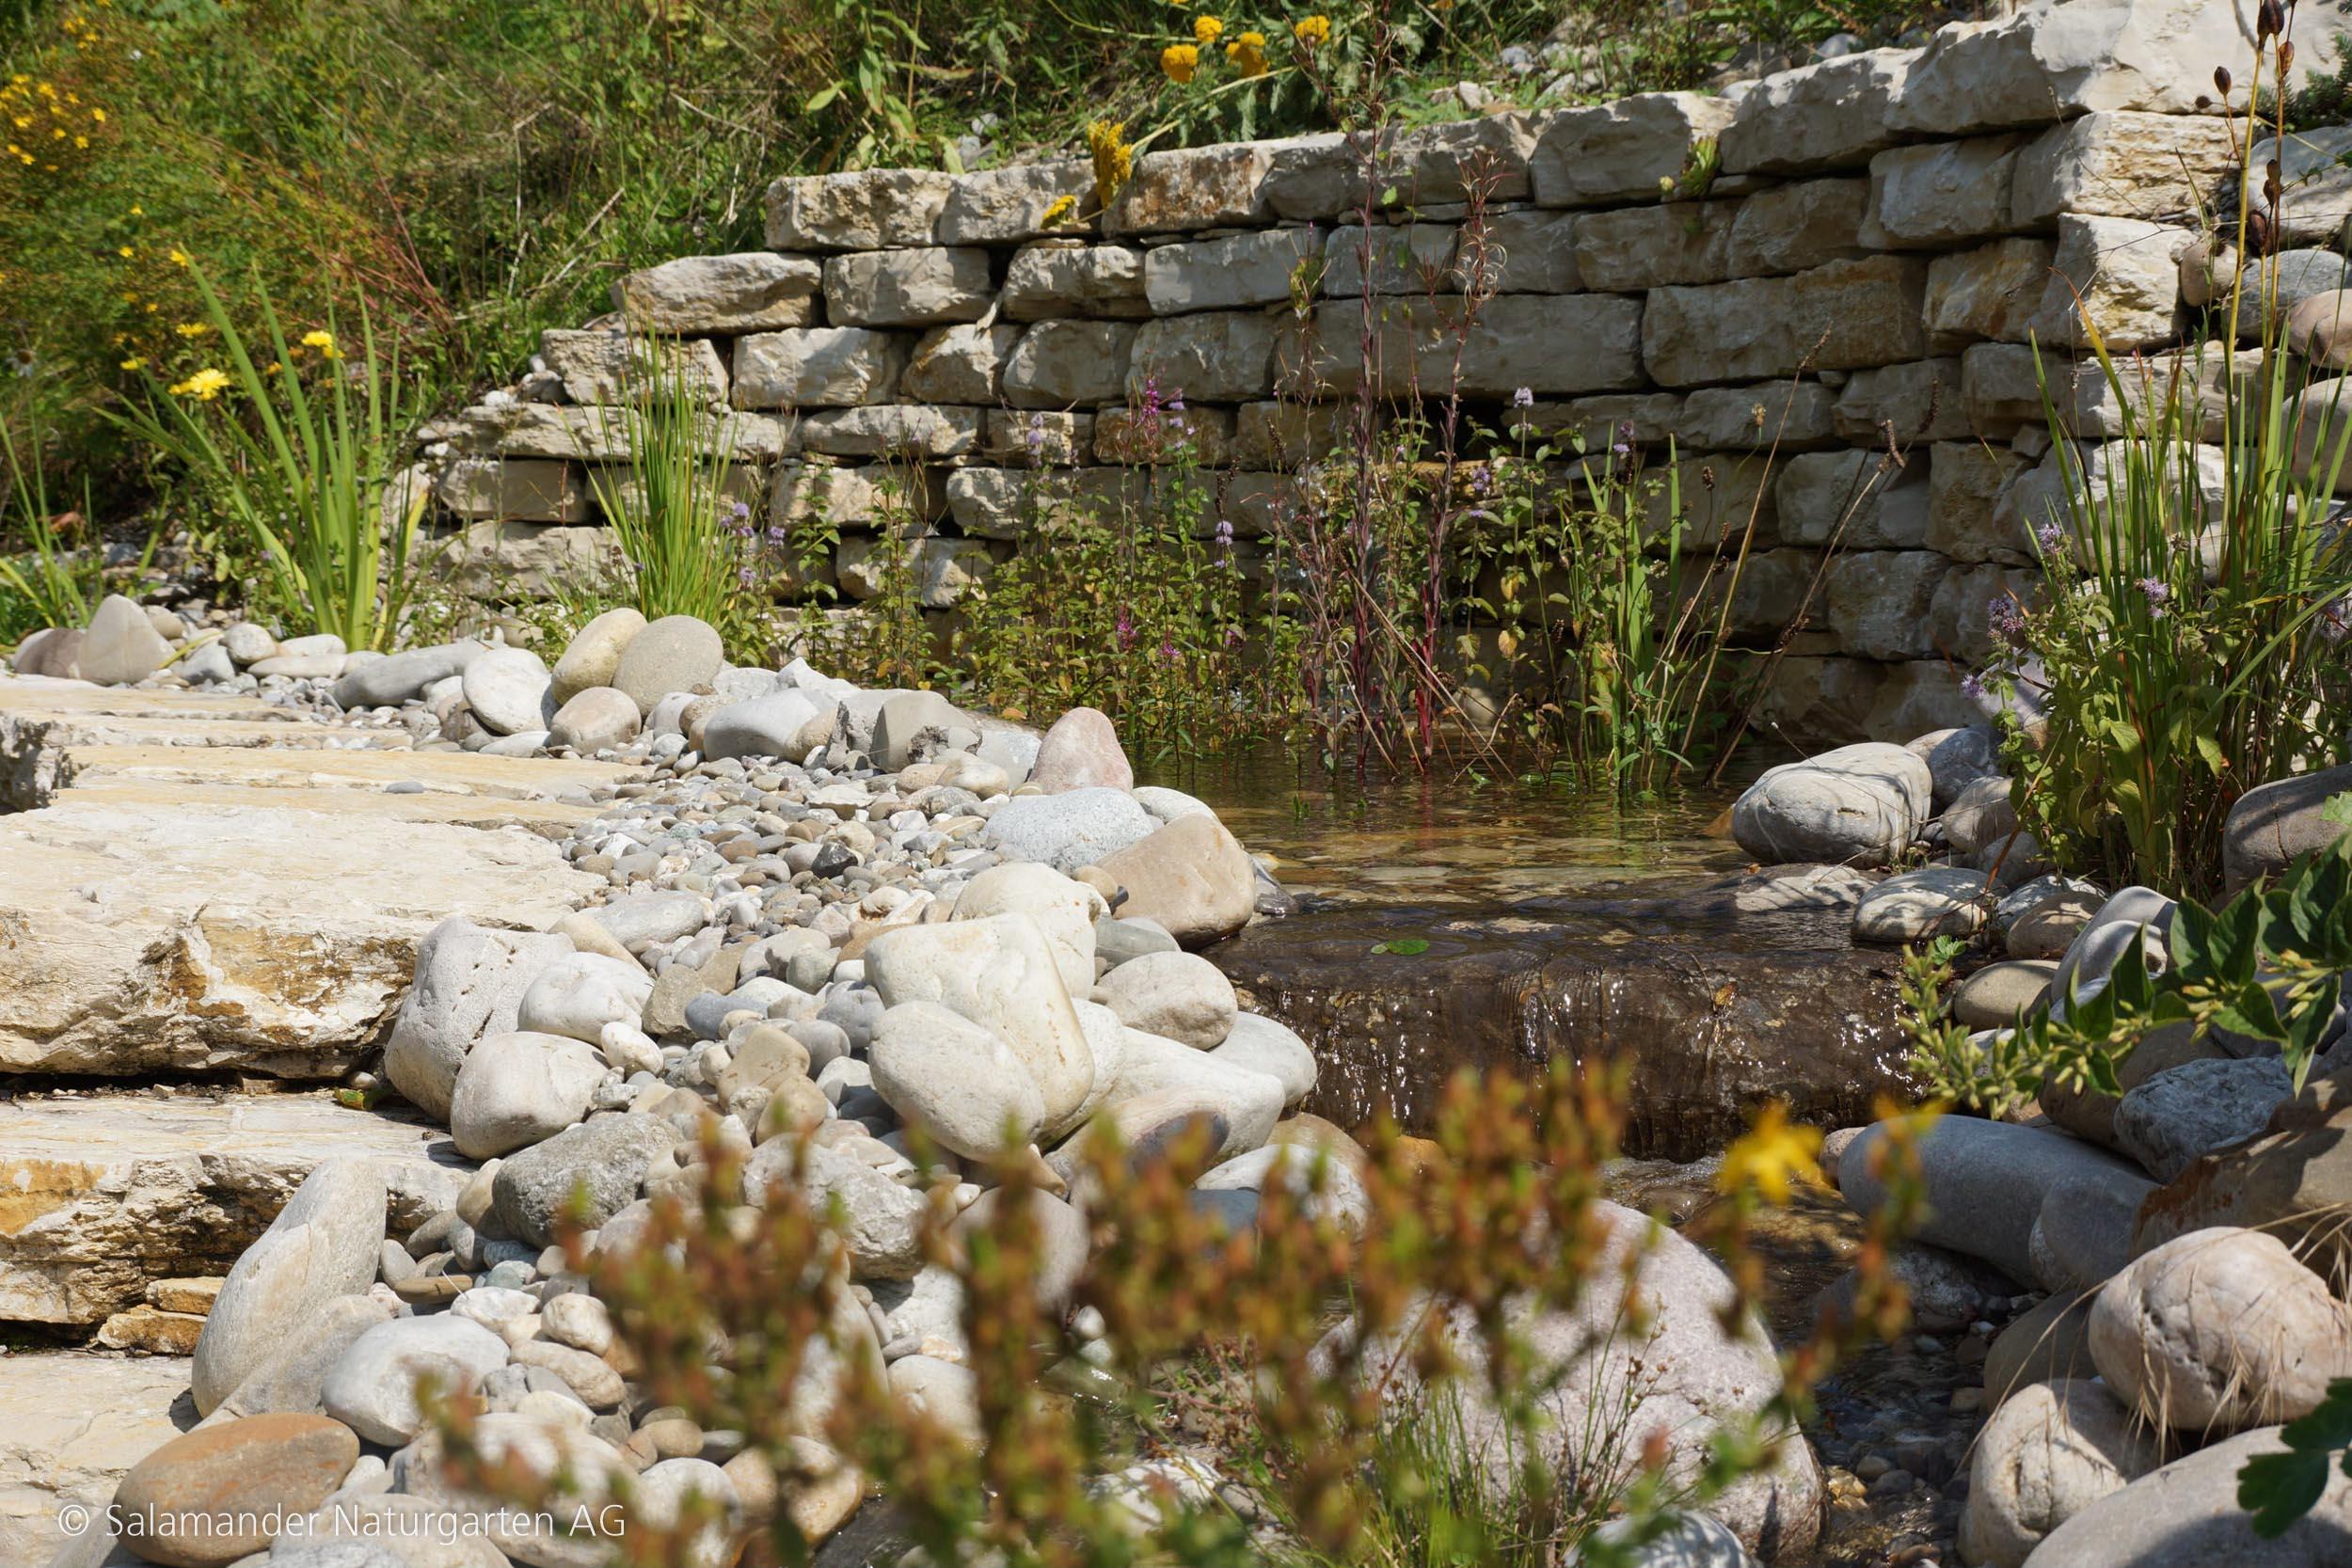 Gewürzpflanzen am Wasser